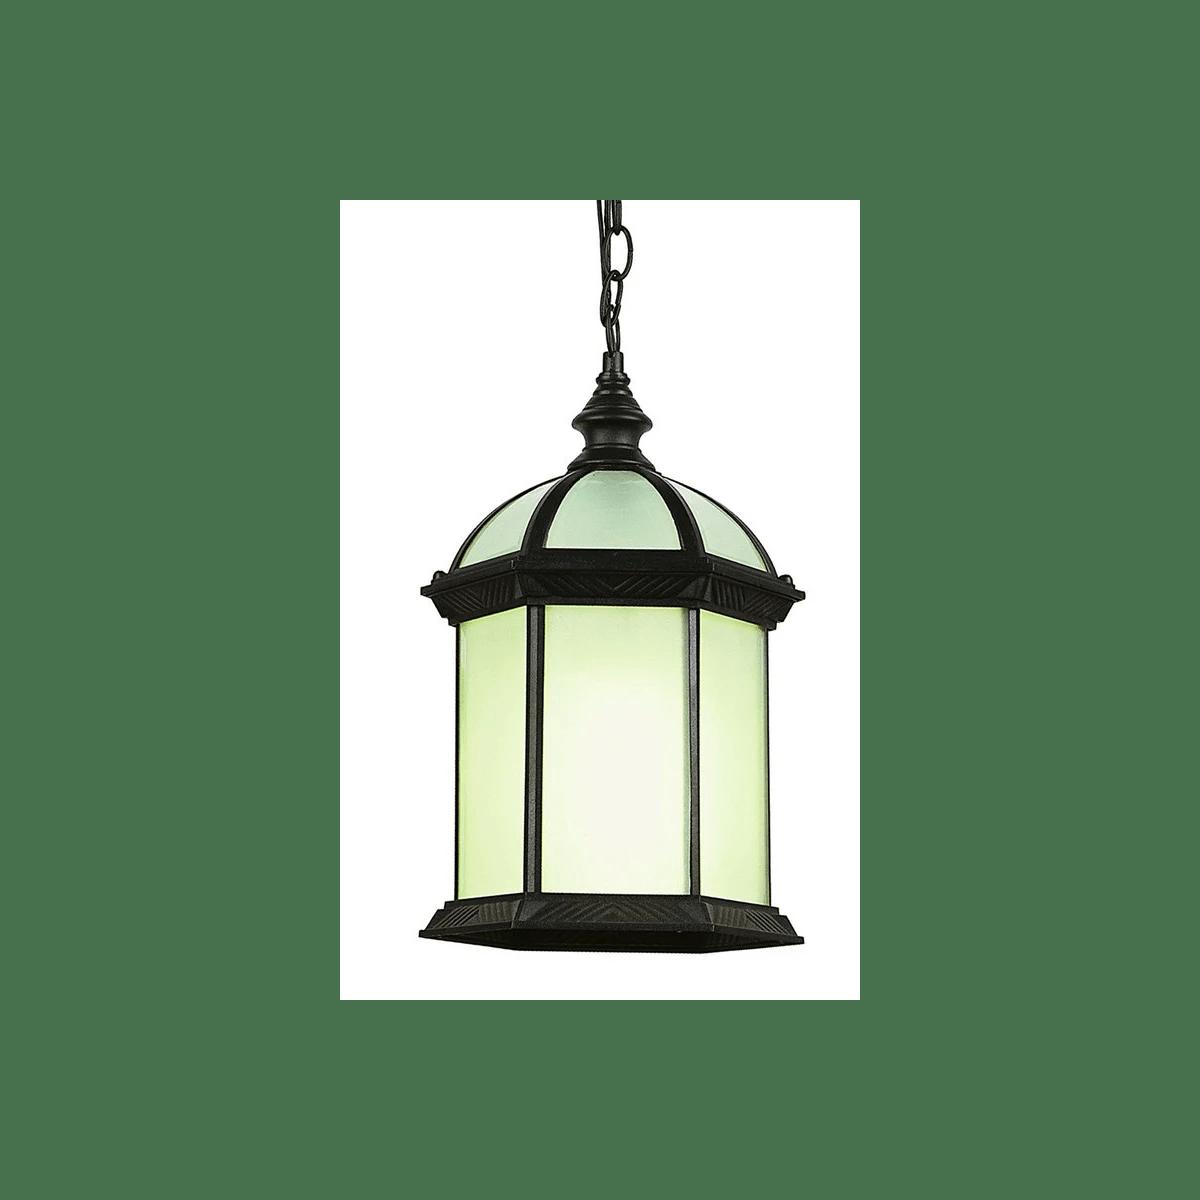 trans globe lighting 4183 bk